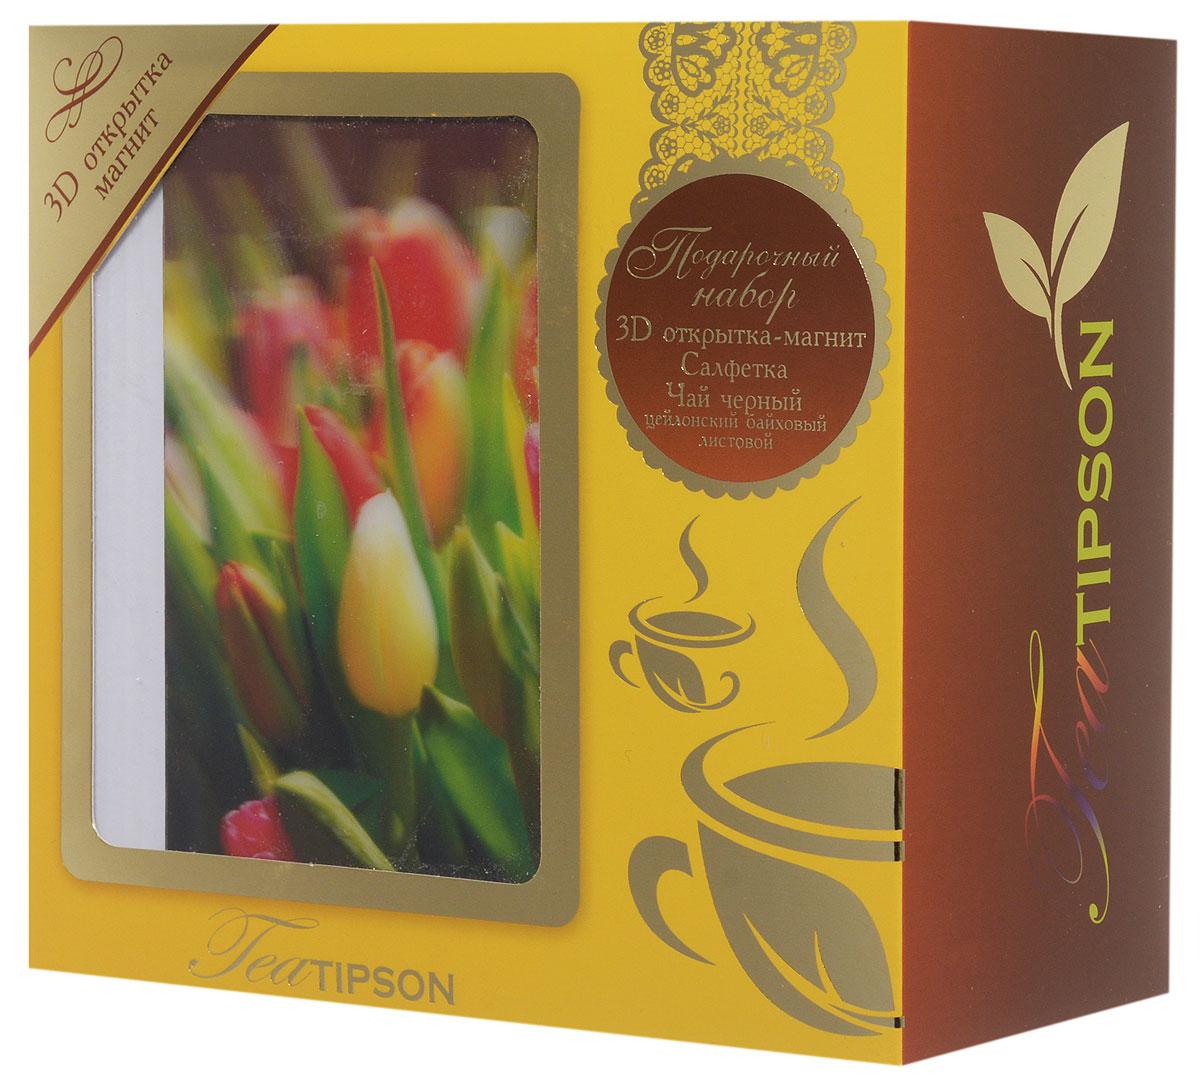 Tipson Подарочный набор Желтый черный чай Ceylon №1 с 3D открыткой-магнитом и салфеткой для дома, 85 г10052-00Ищите подарок любимой хозяюшке? Подарите отличный набор Tipson Желтый в красочной упаковке из дизайнерского картона и ярким принтом. В комплект с упаковкой традиционного чая Tipson Ceylon №1 входит нужная в каждом доме яркая салфетка из 100% хлопка, а также яркая, переливающаяся 3D-открытка, которую можно повесить на холодильник и которая будет напоминать о вас круглый год.Размер открытки: 120 x 155 ммРазмер салфетки: 300 x 300 мм